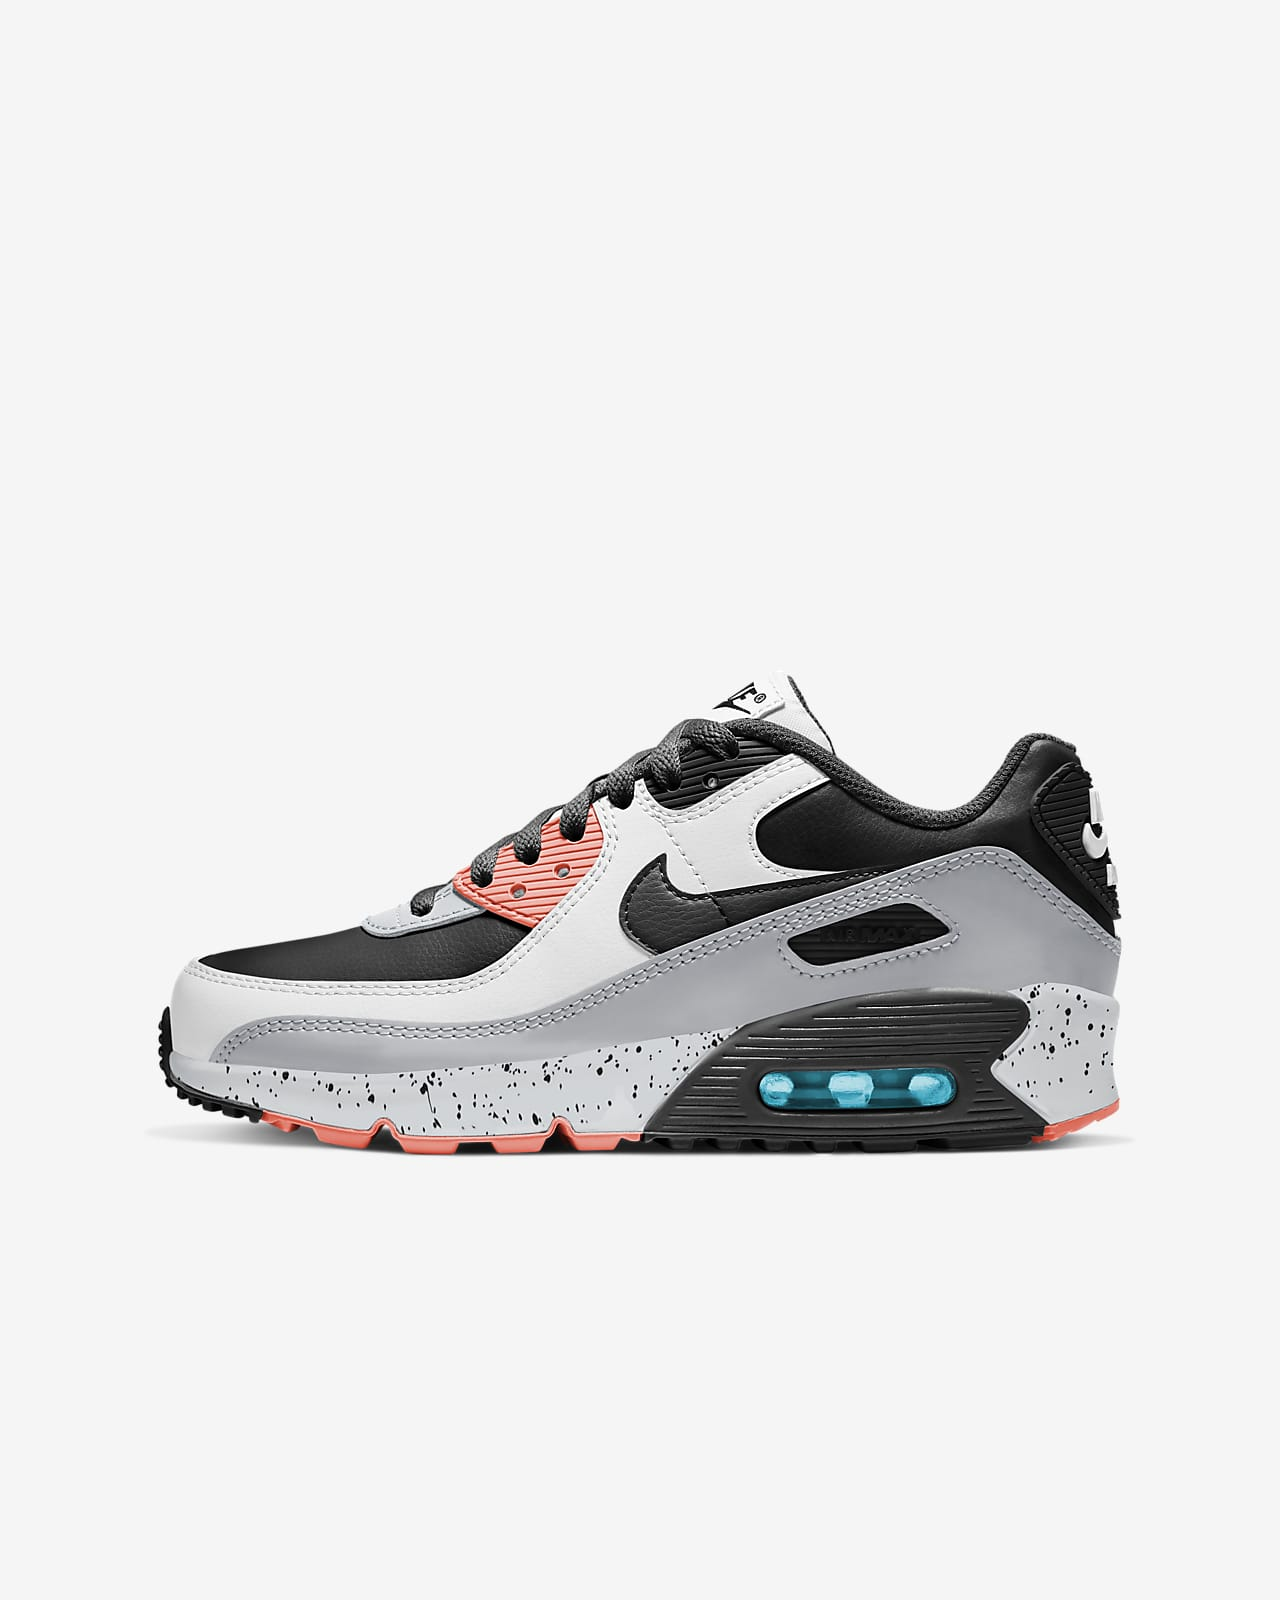 Nike Air Max 90 LTR Genç Çocuk Ayakkabısı